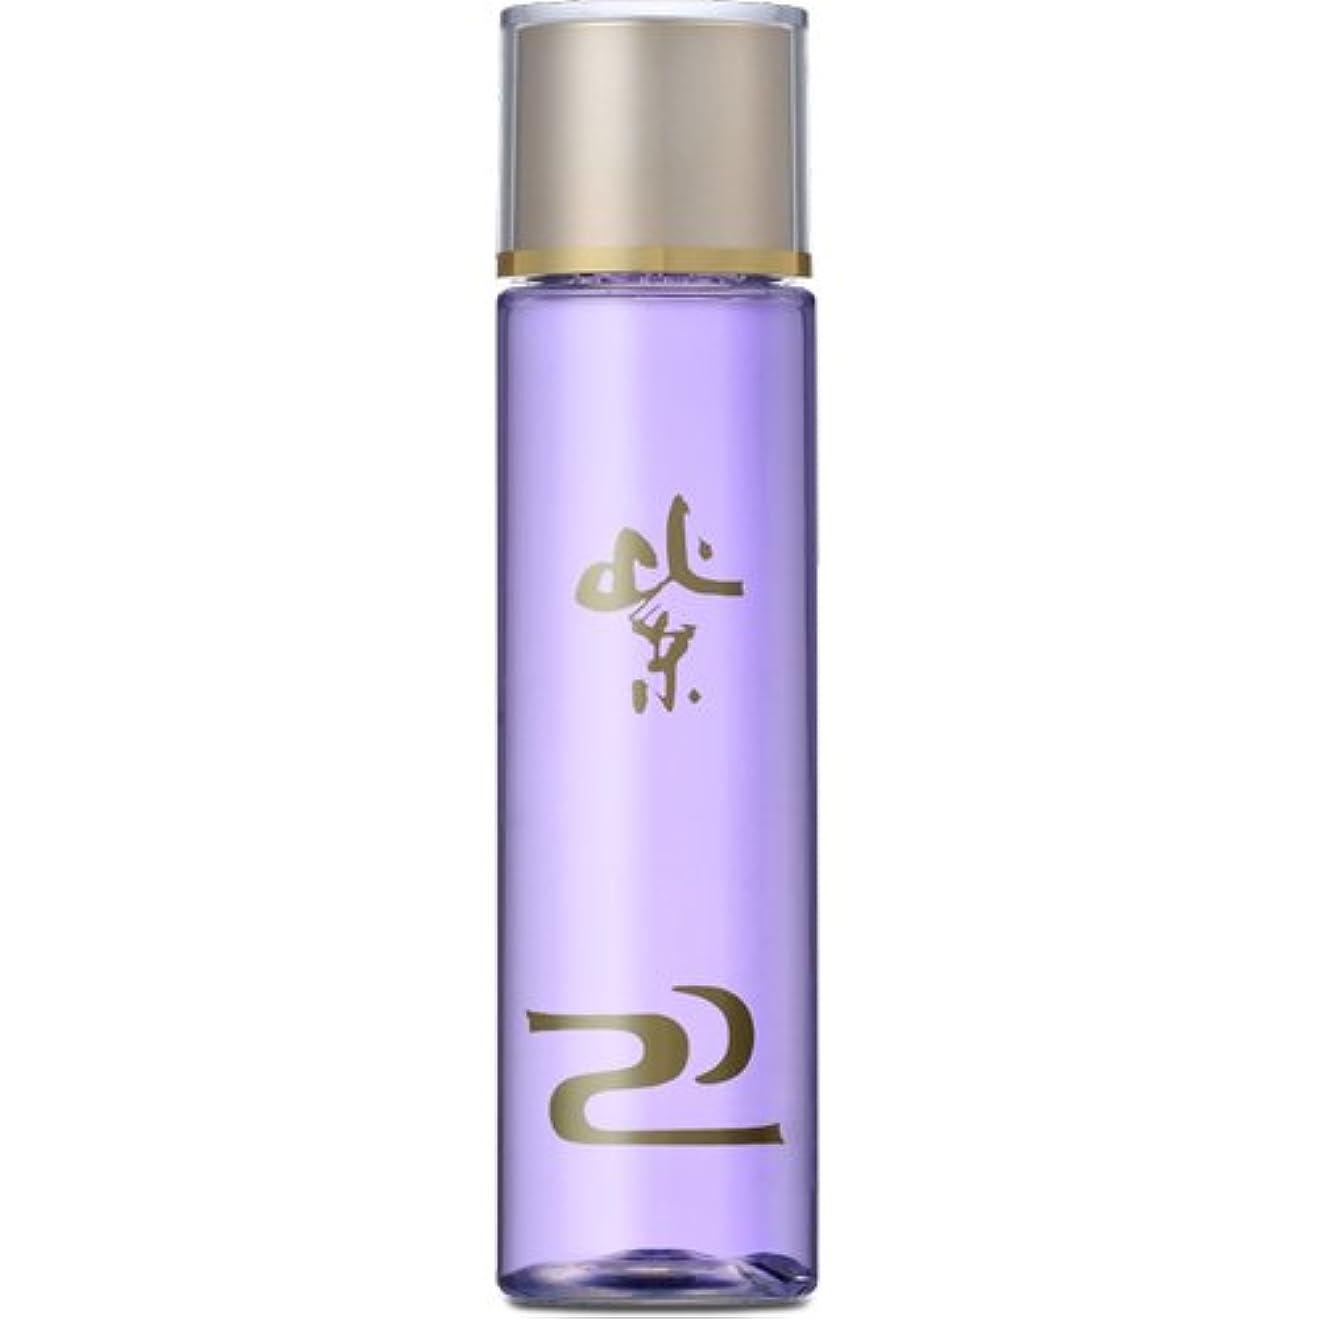 肘温度情緒的ホワイトリリー WL紫 120mL 化粧水